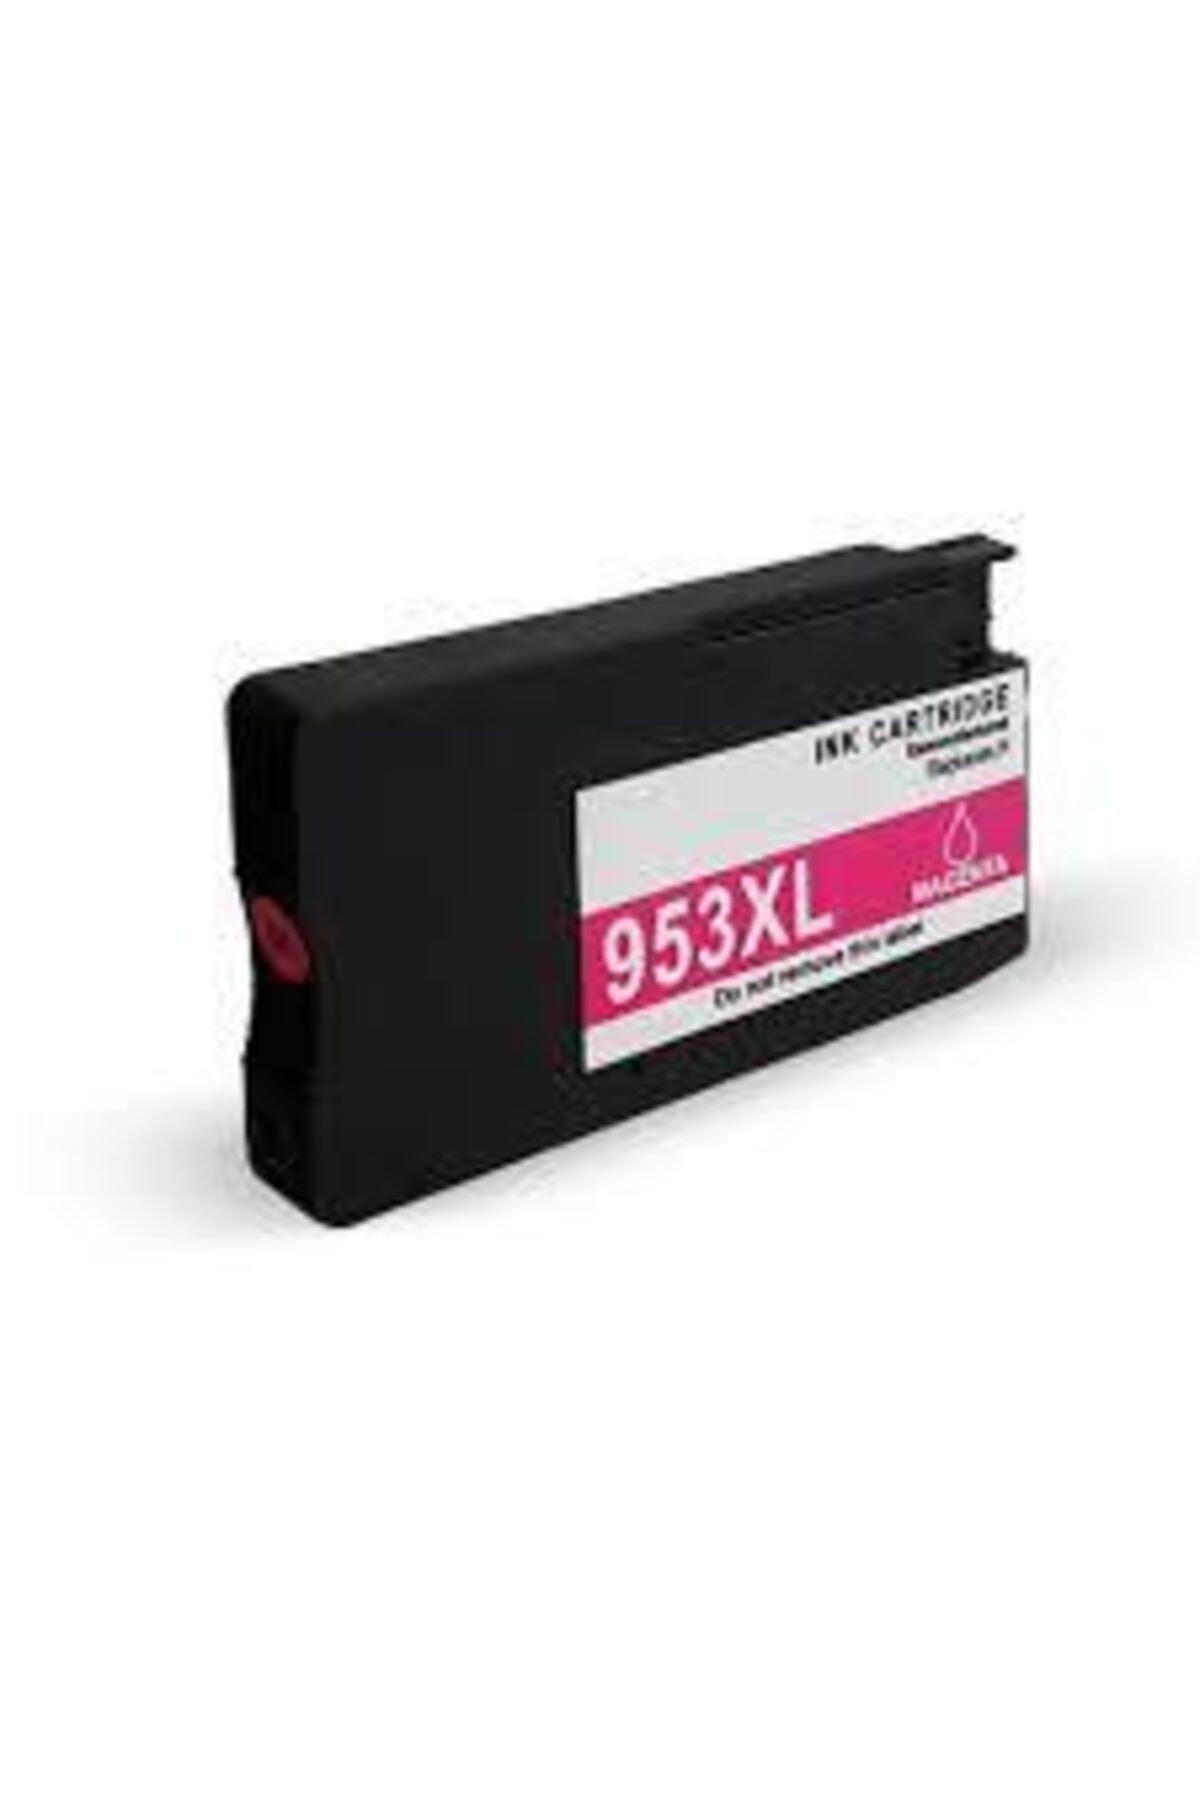 F6u17ae (953xl) Muadil Kırmızı Kartuş Officejet Pro 7720-7740-8210